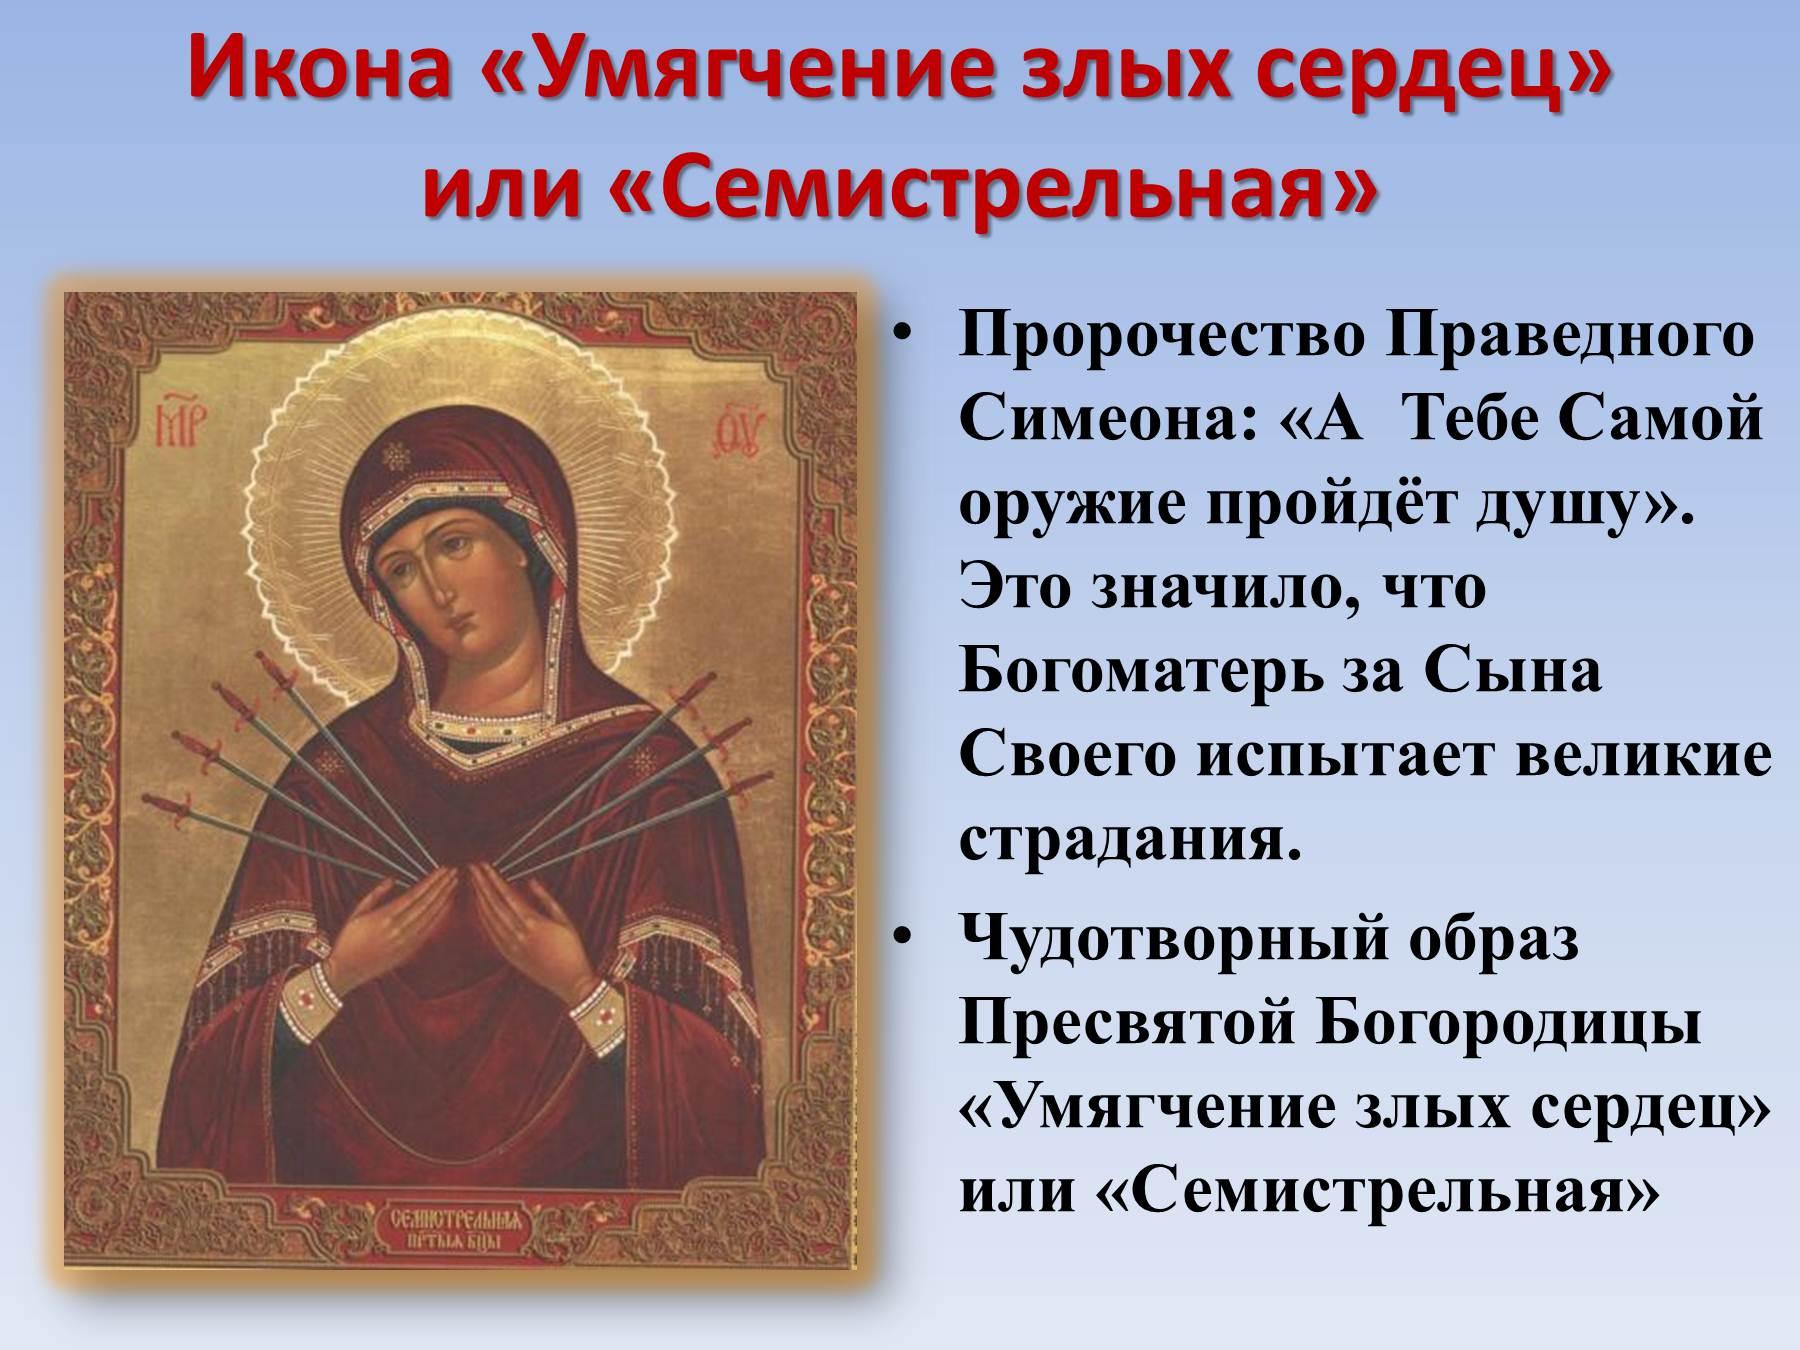 это открытки с днем иконы божьей матери умягчение злых сердец осложнения